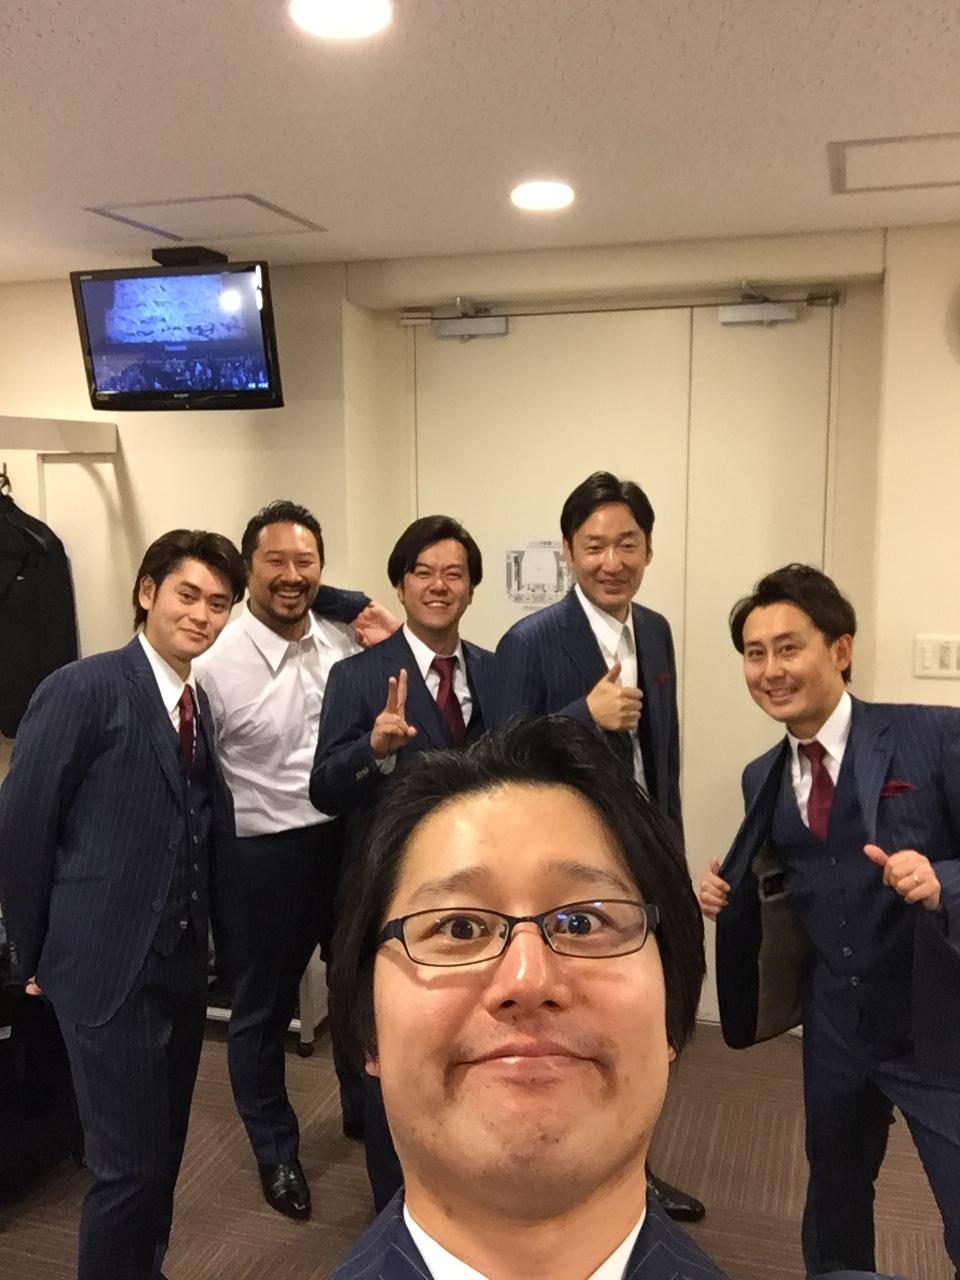 大阪初日、お疲れ様でした!!